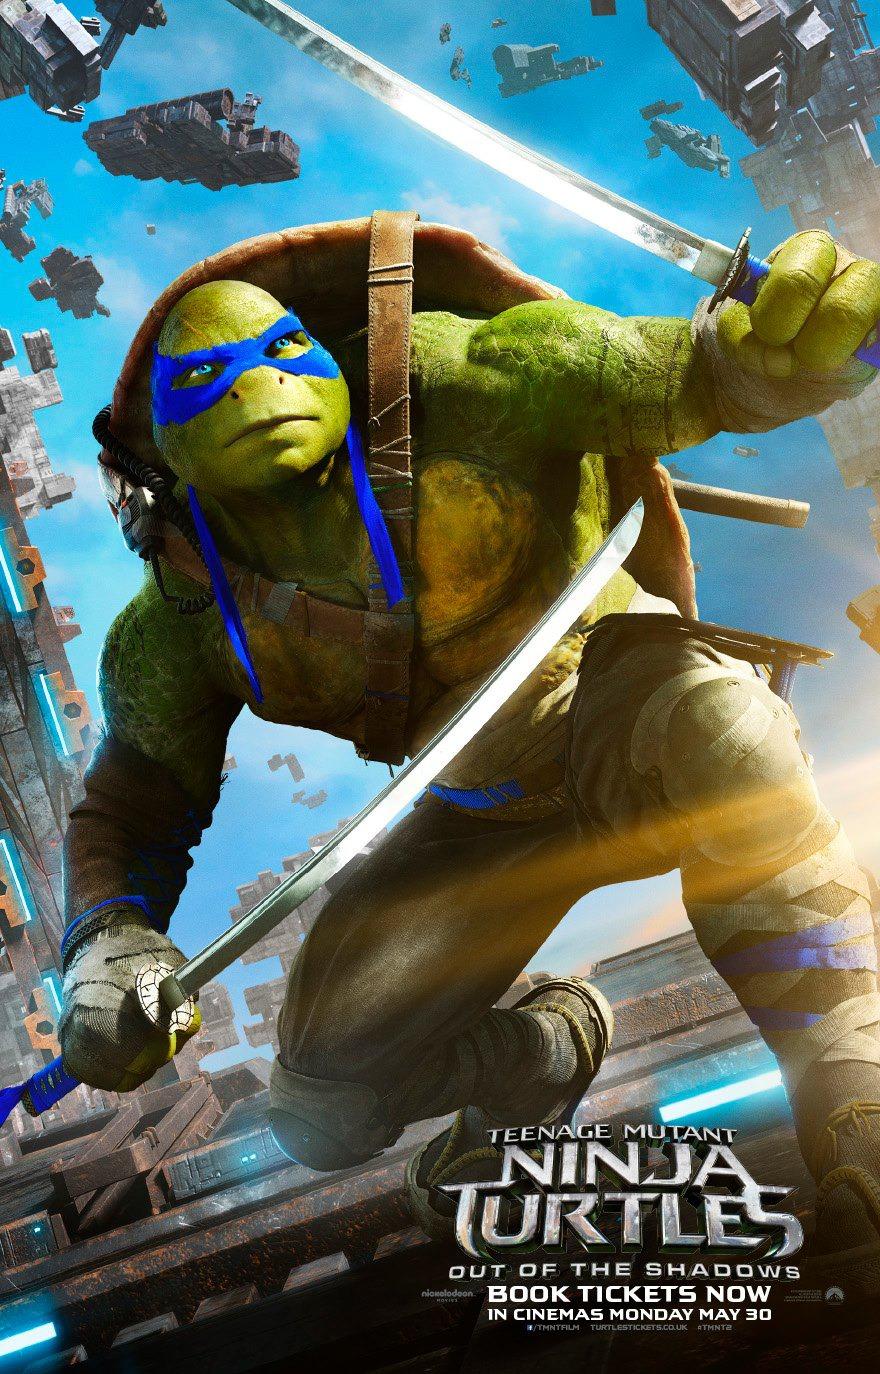 Leonardo paramount tmntpedia fandom powered by wikia